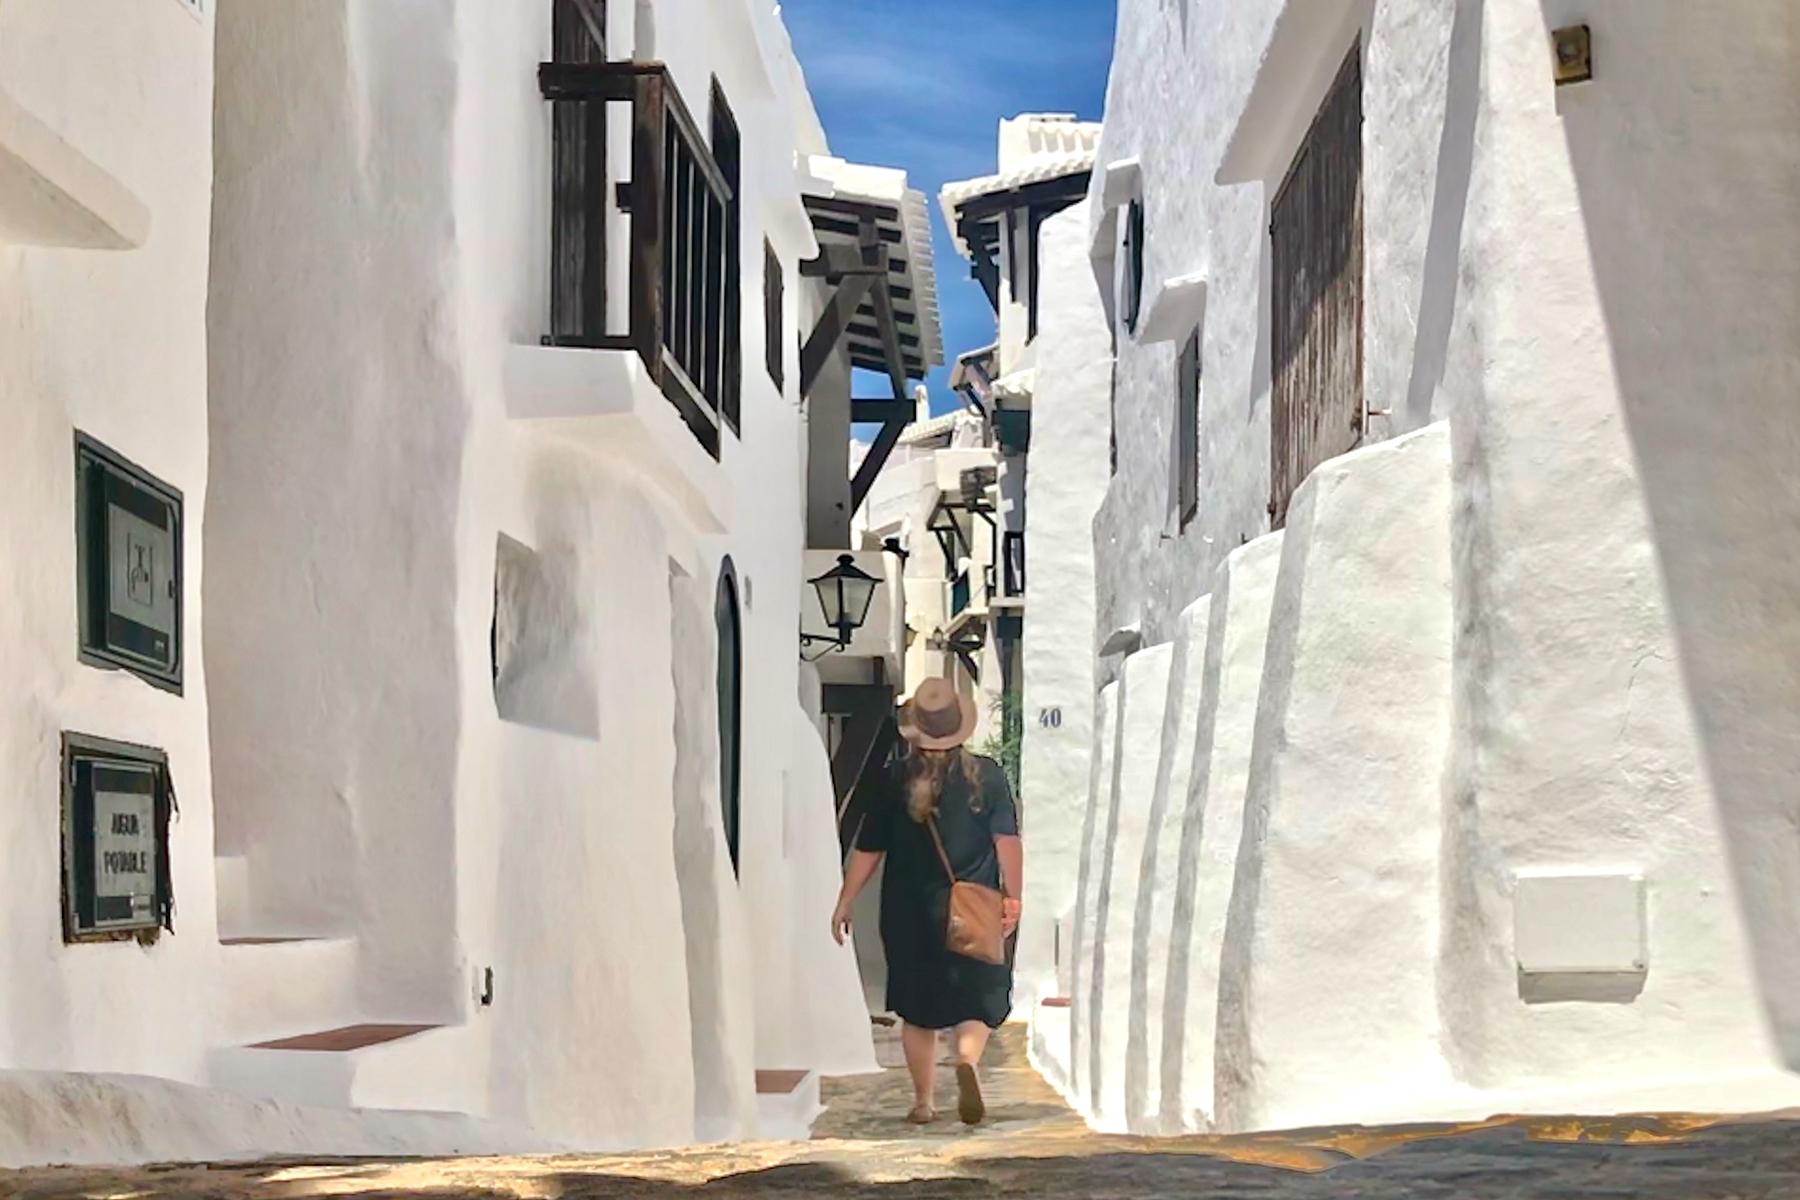 Reise-Highlights 2018: Wohin die Reise mich geführt hat